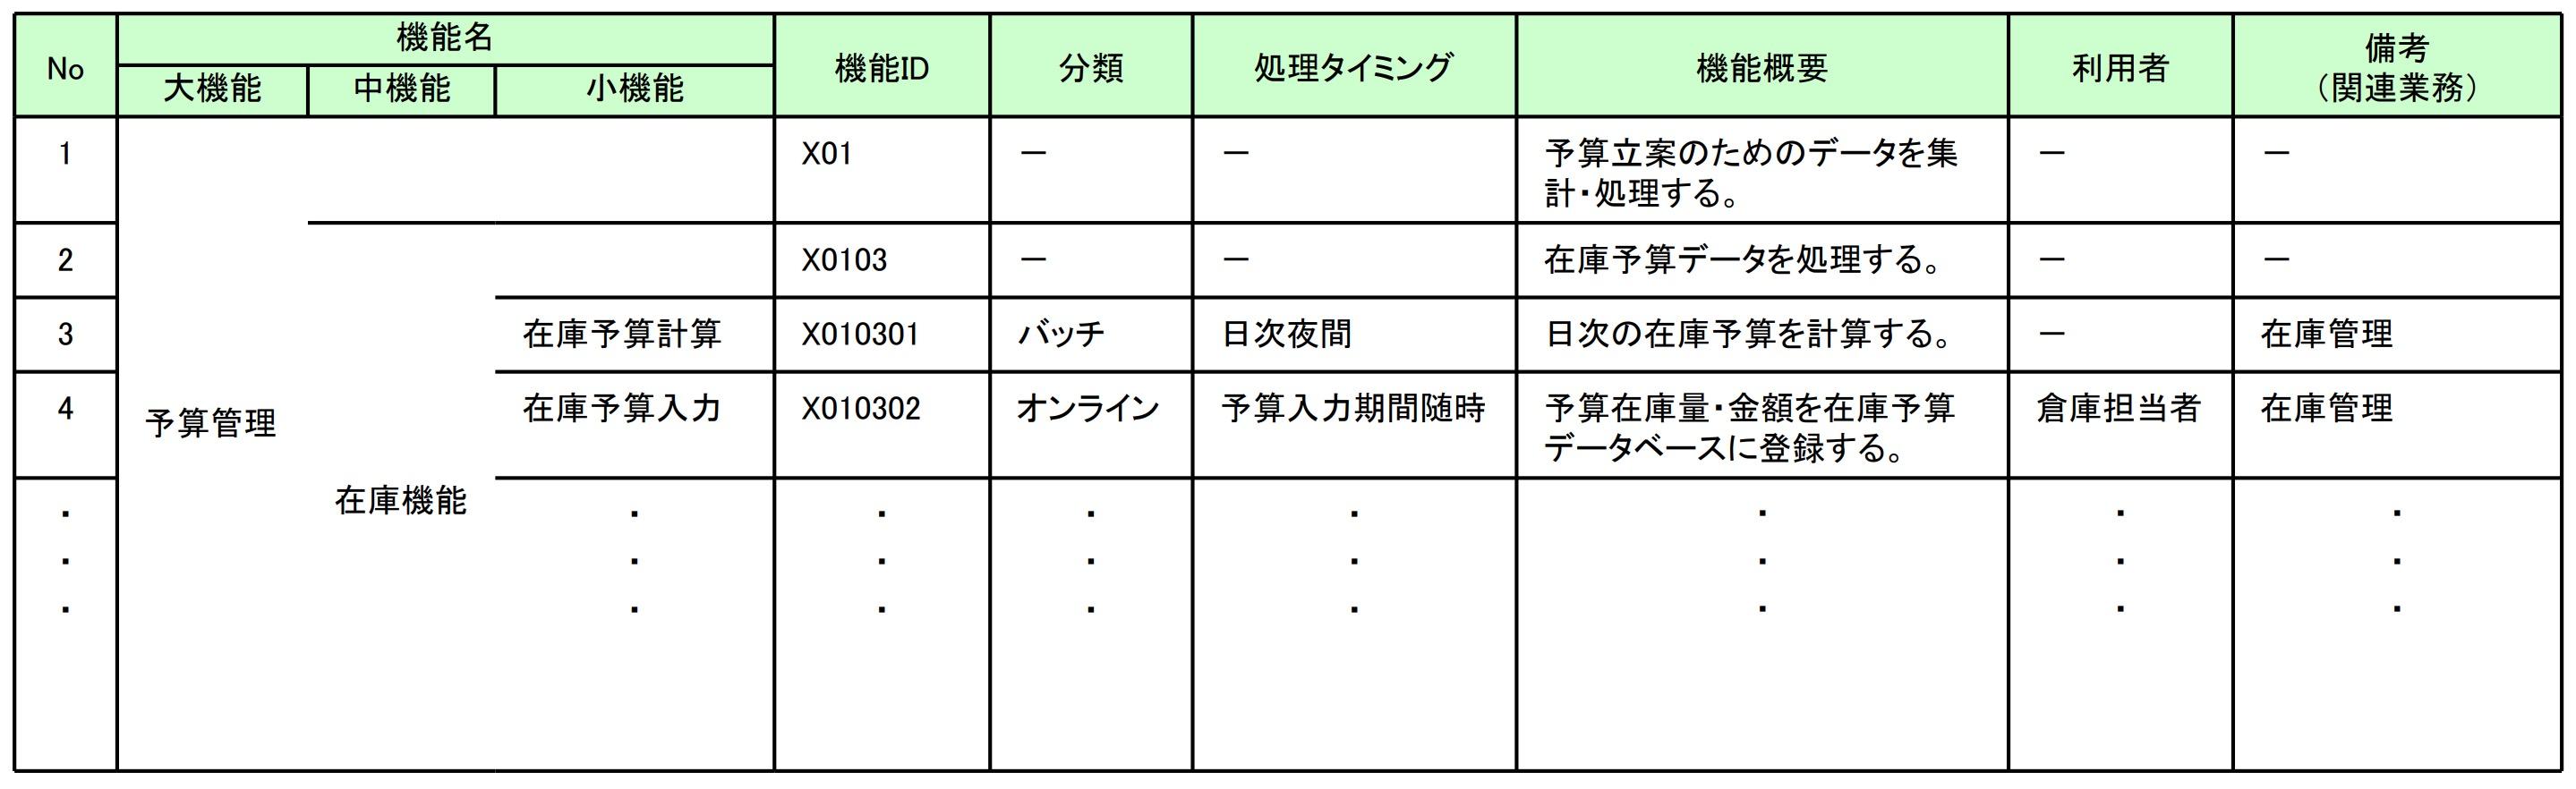 システム機能構成表(サンプル)